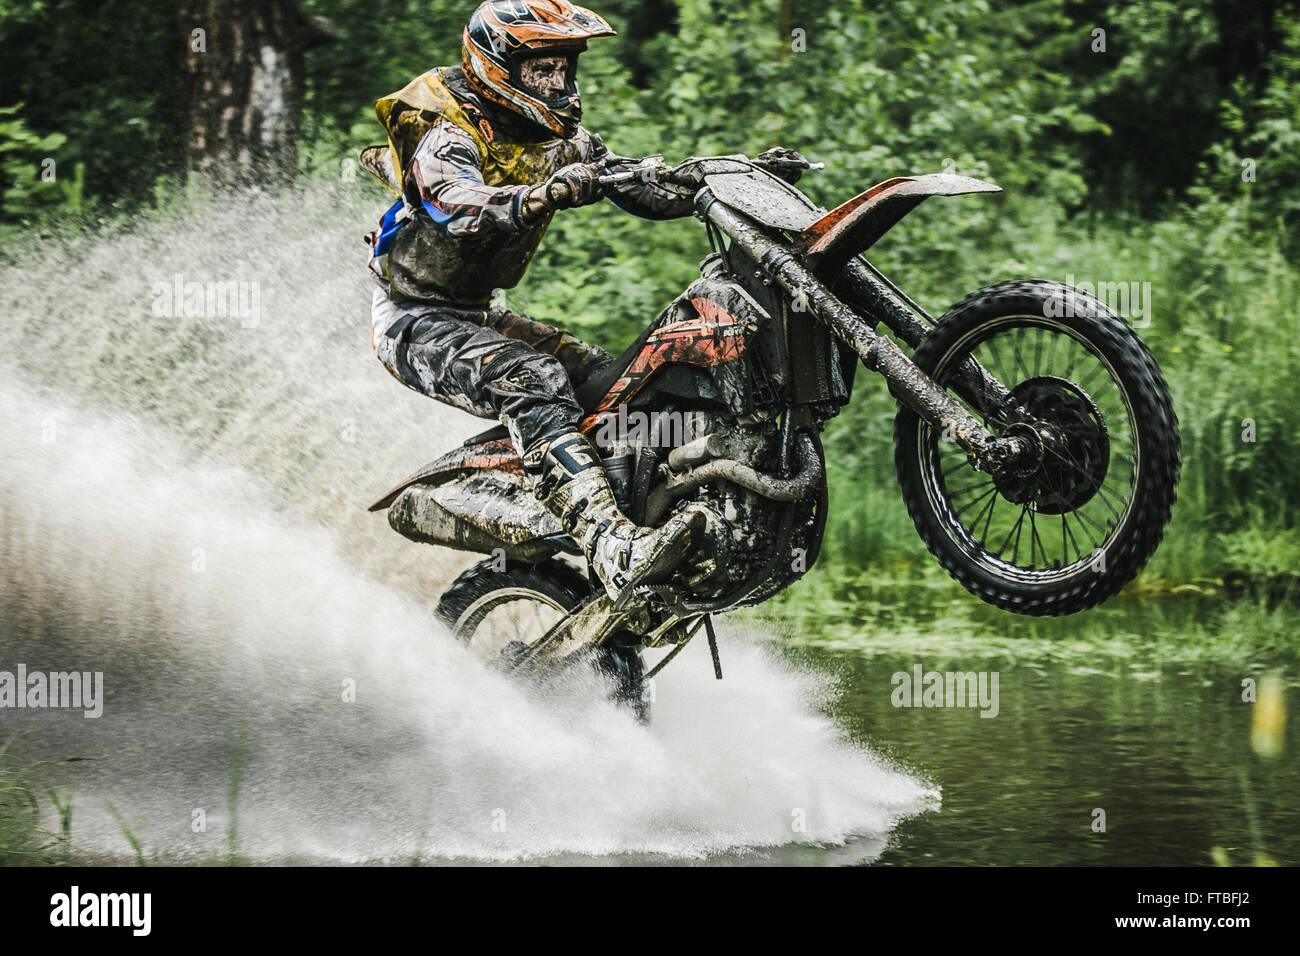 """Controlador de motocross bajo el chorro de agua durante la carrera Urales taza de Enduro """"correa de tono 2015"""" Imagen De Stock"""